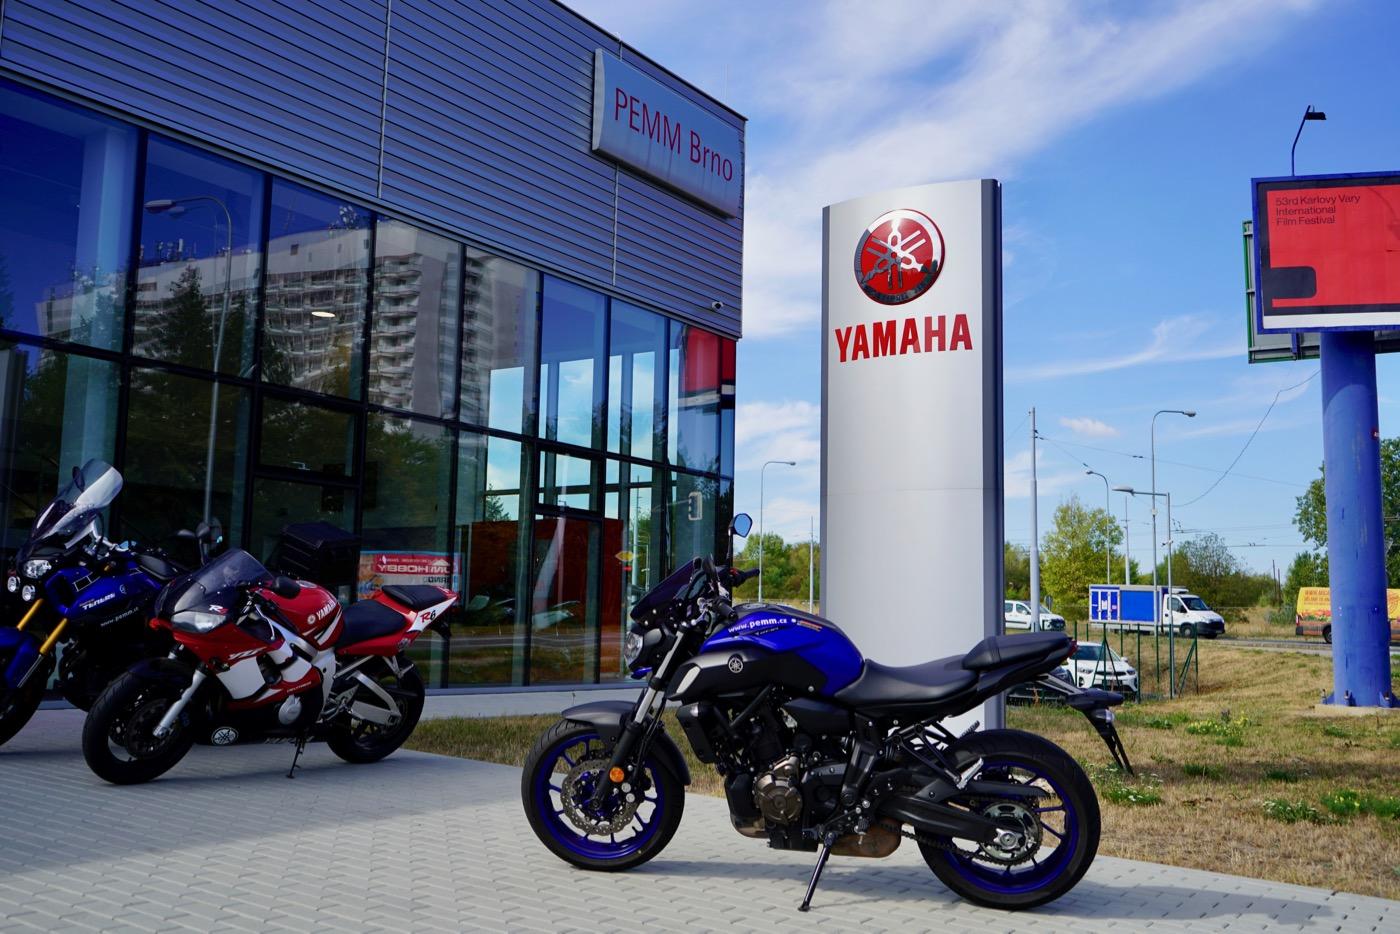 Yamaha PEMM Brno